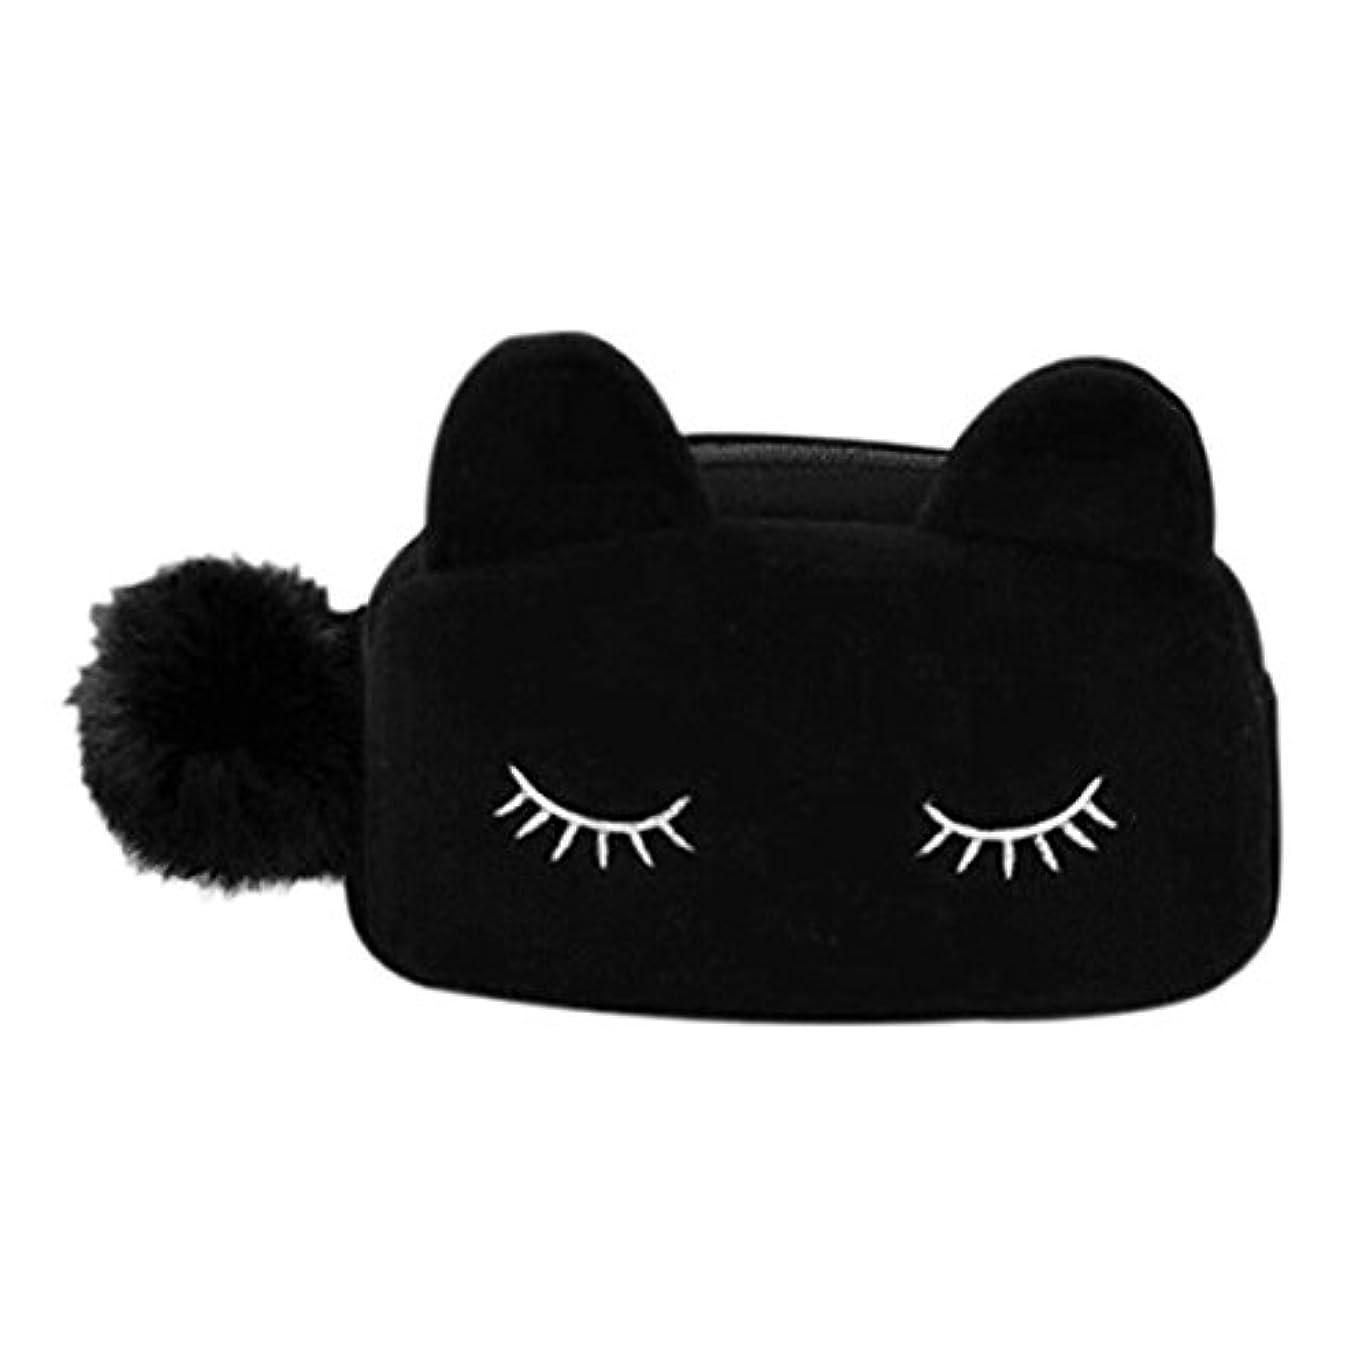 スプレー有毒正確な猫 化粧ポーチ バニティベロア ポンポン付き ブラック